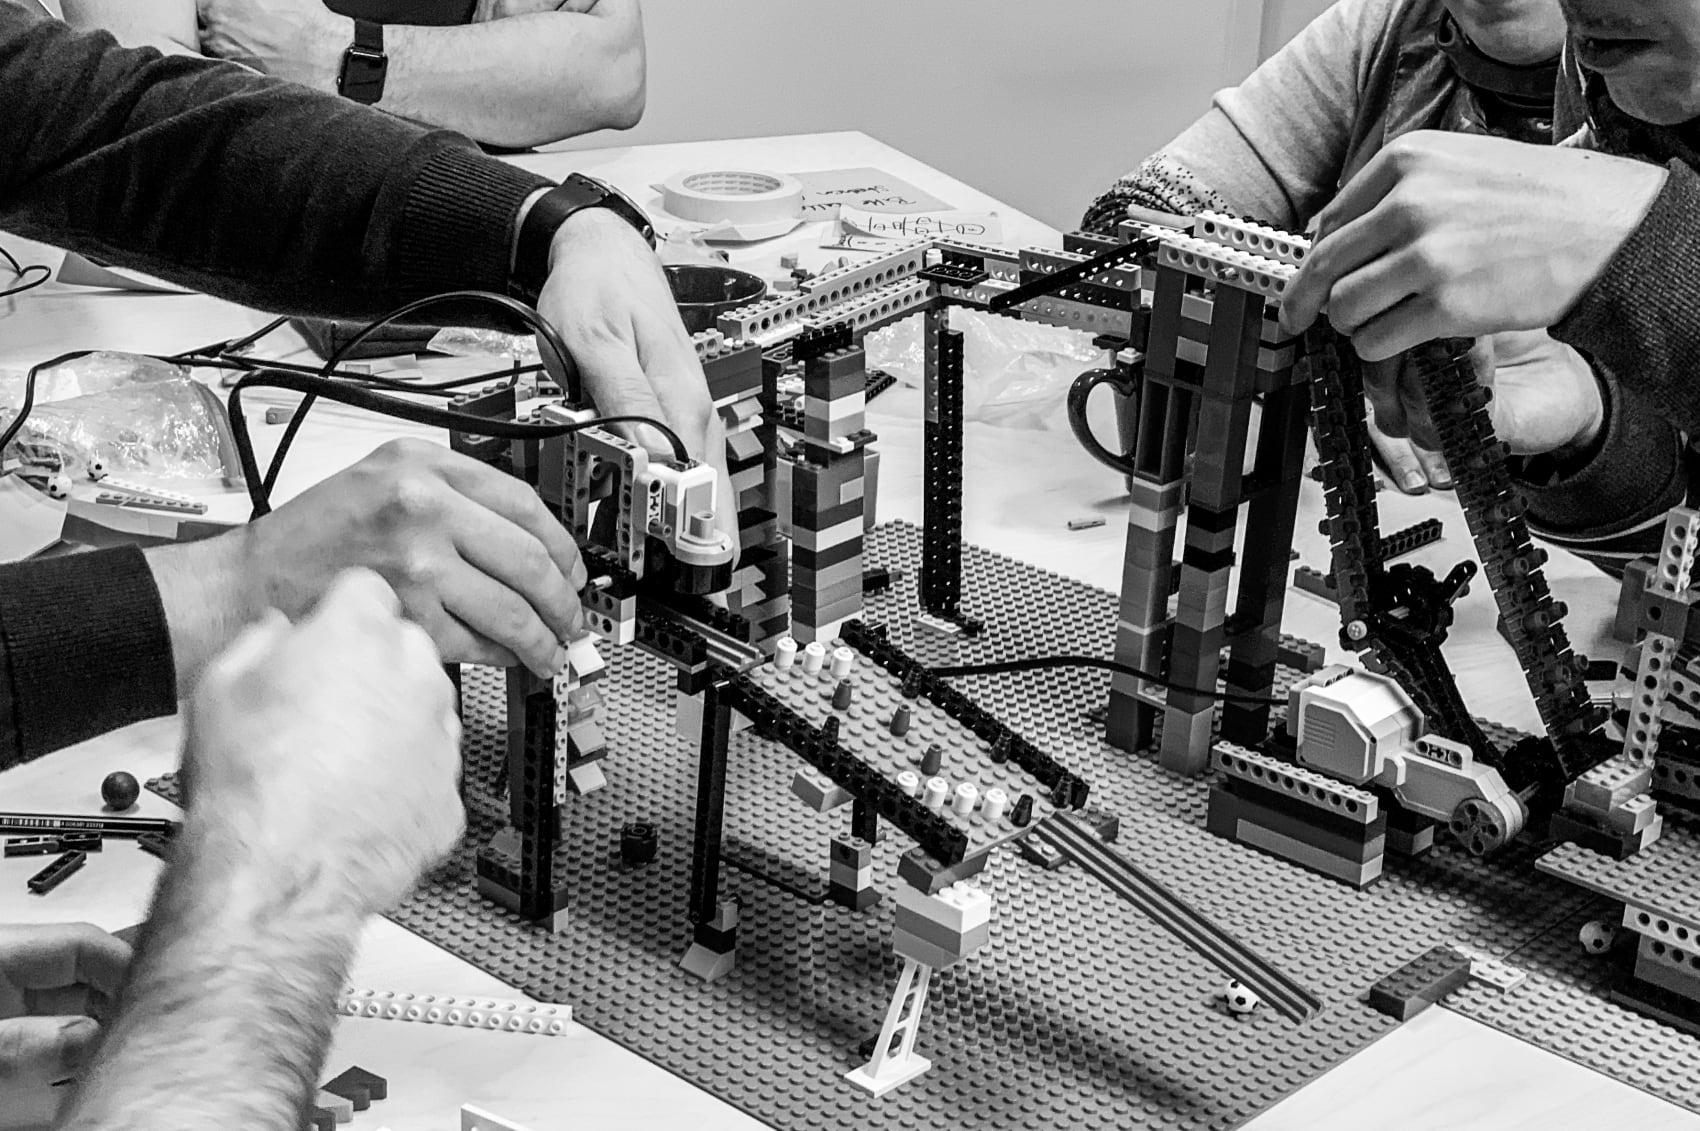 Teilnehmer:innen lösen eine Teamaufgabe mit Lego-Steinen